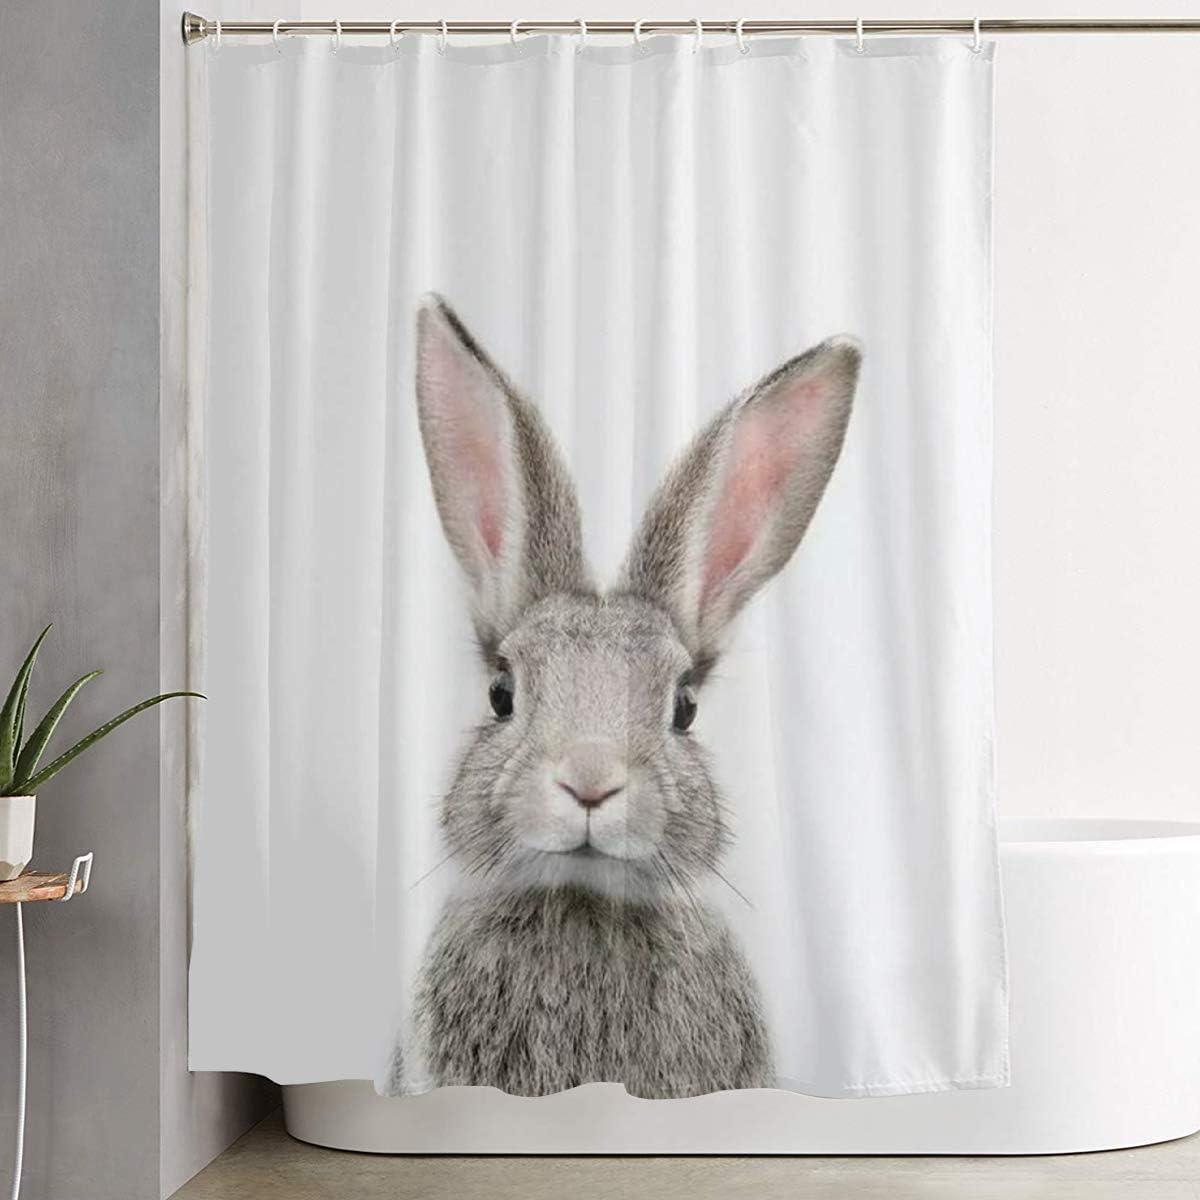 Cute Bunny Rabbit Shower Curtain Bathroom Curtains Sets With Hooks Shower Bath Curtain For Bathroom Polyester Bathroom Shower Curtain Kitchen Dining Amazon Com